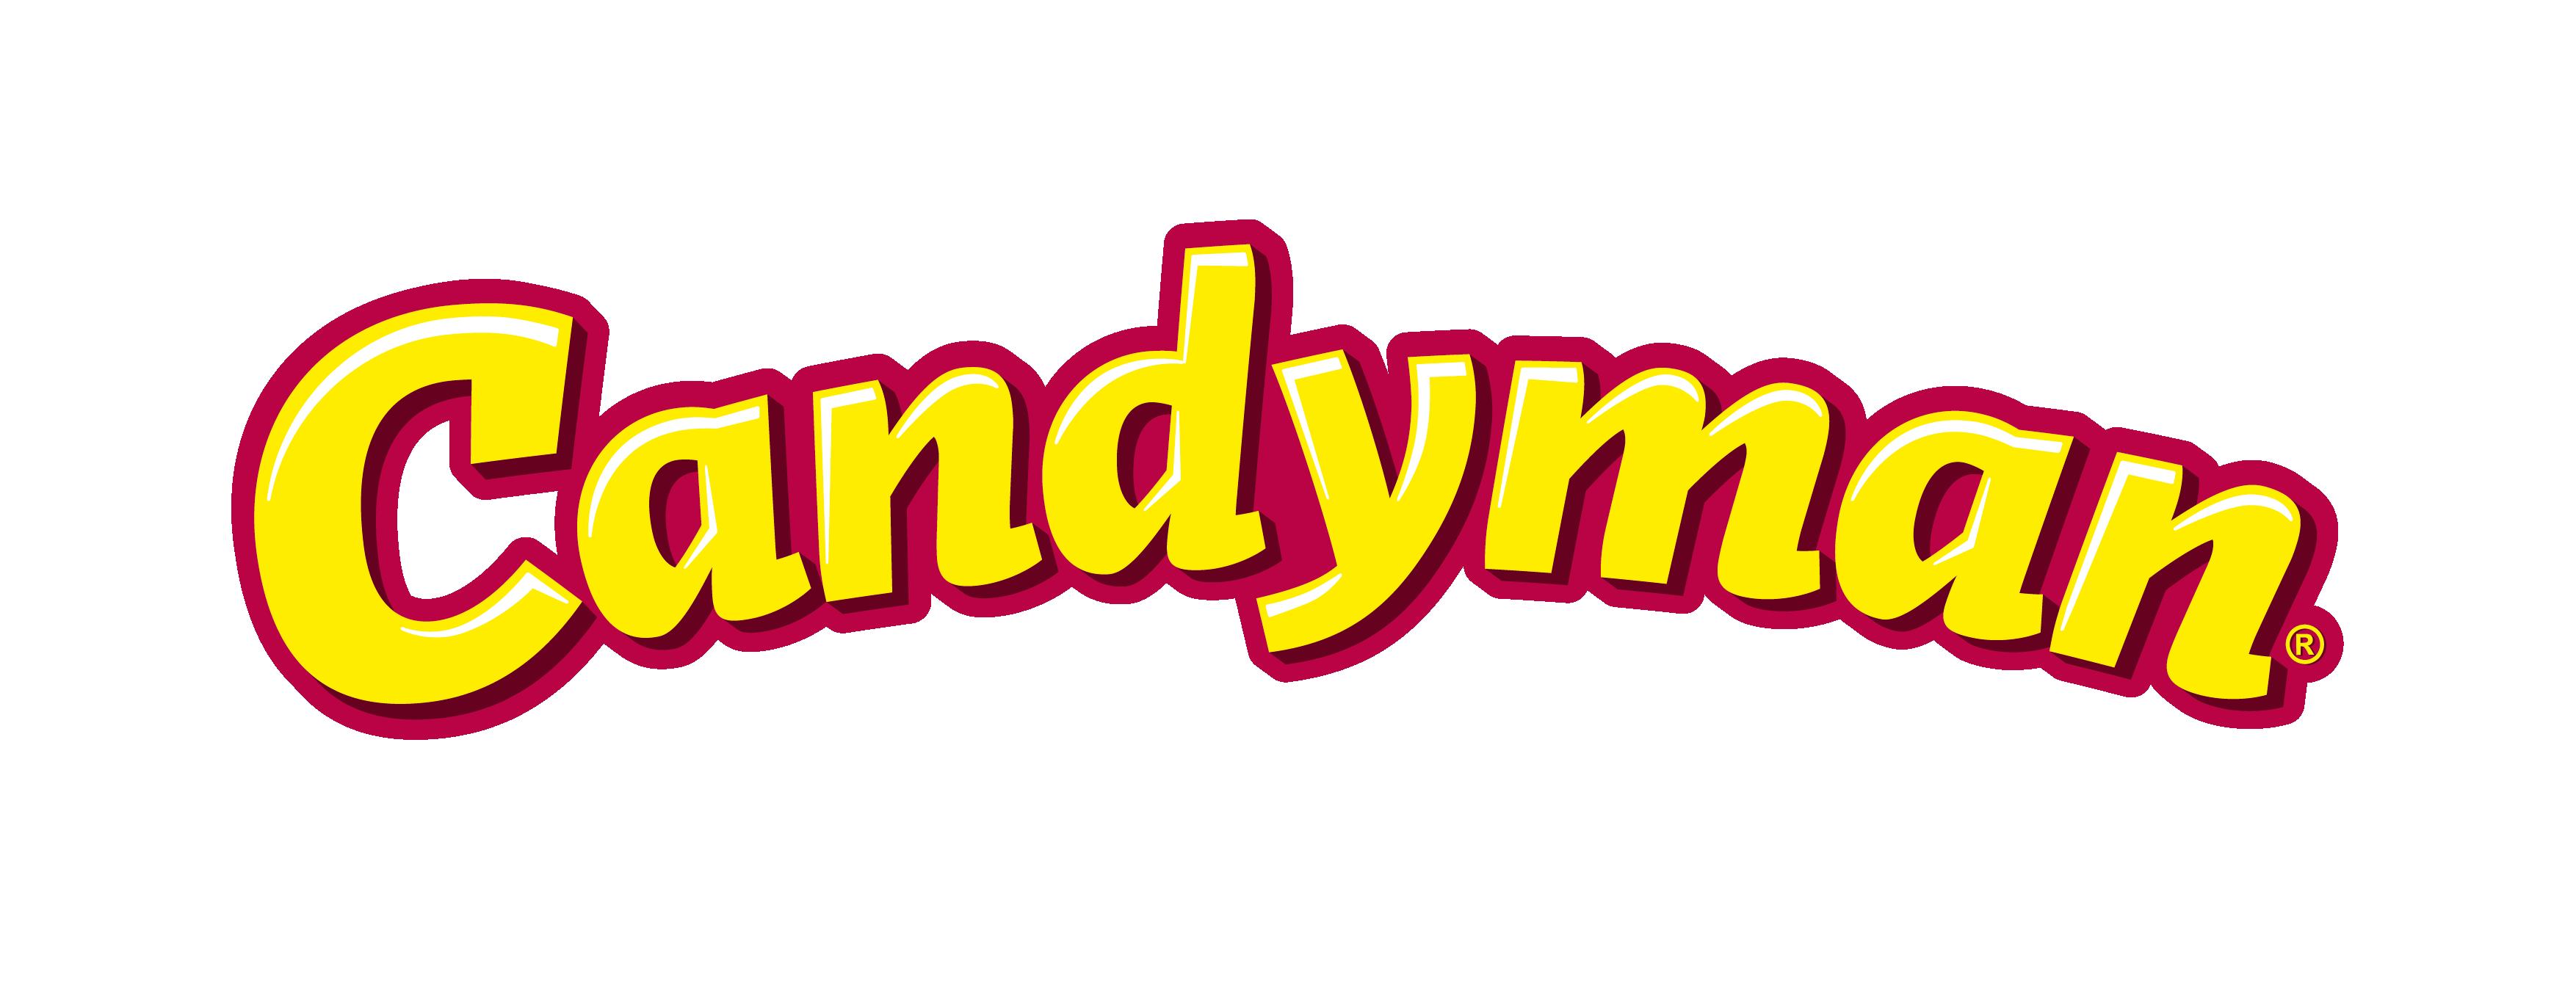 Candyman logo 2016 - RGB